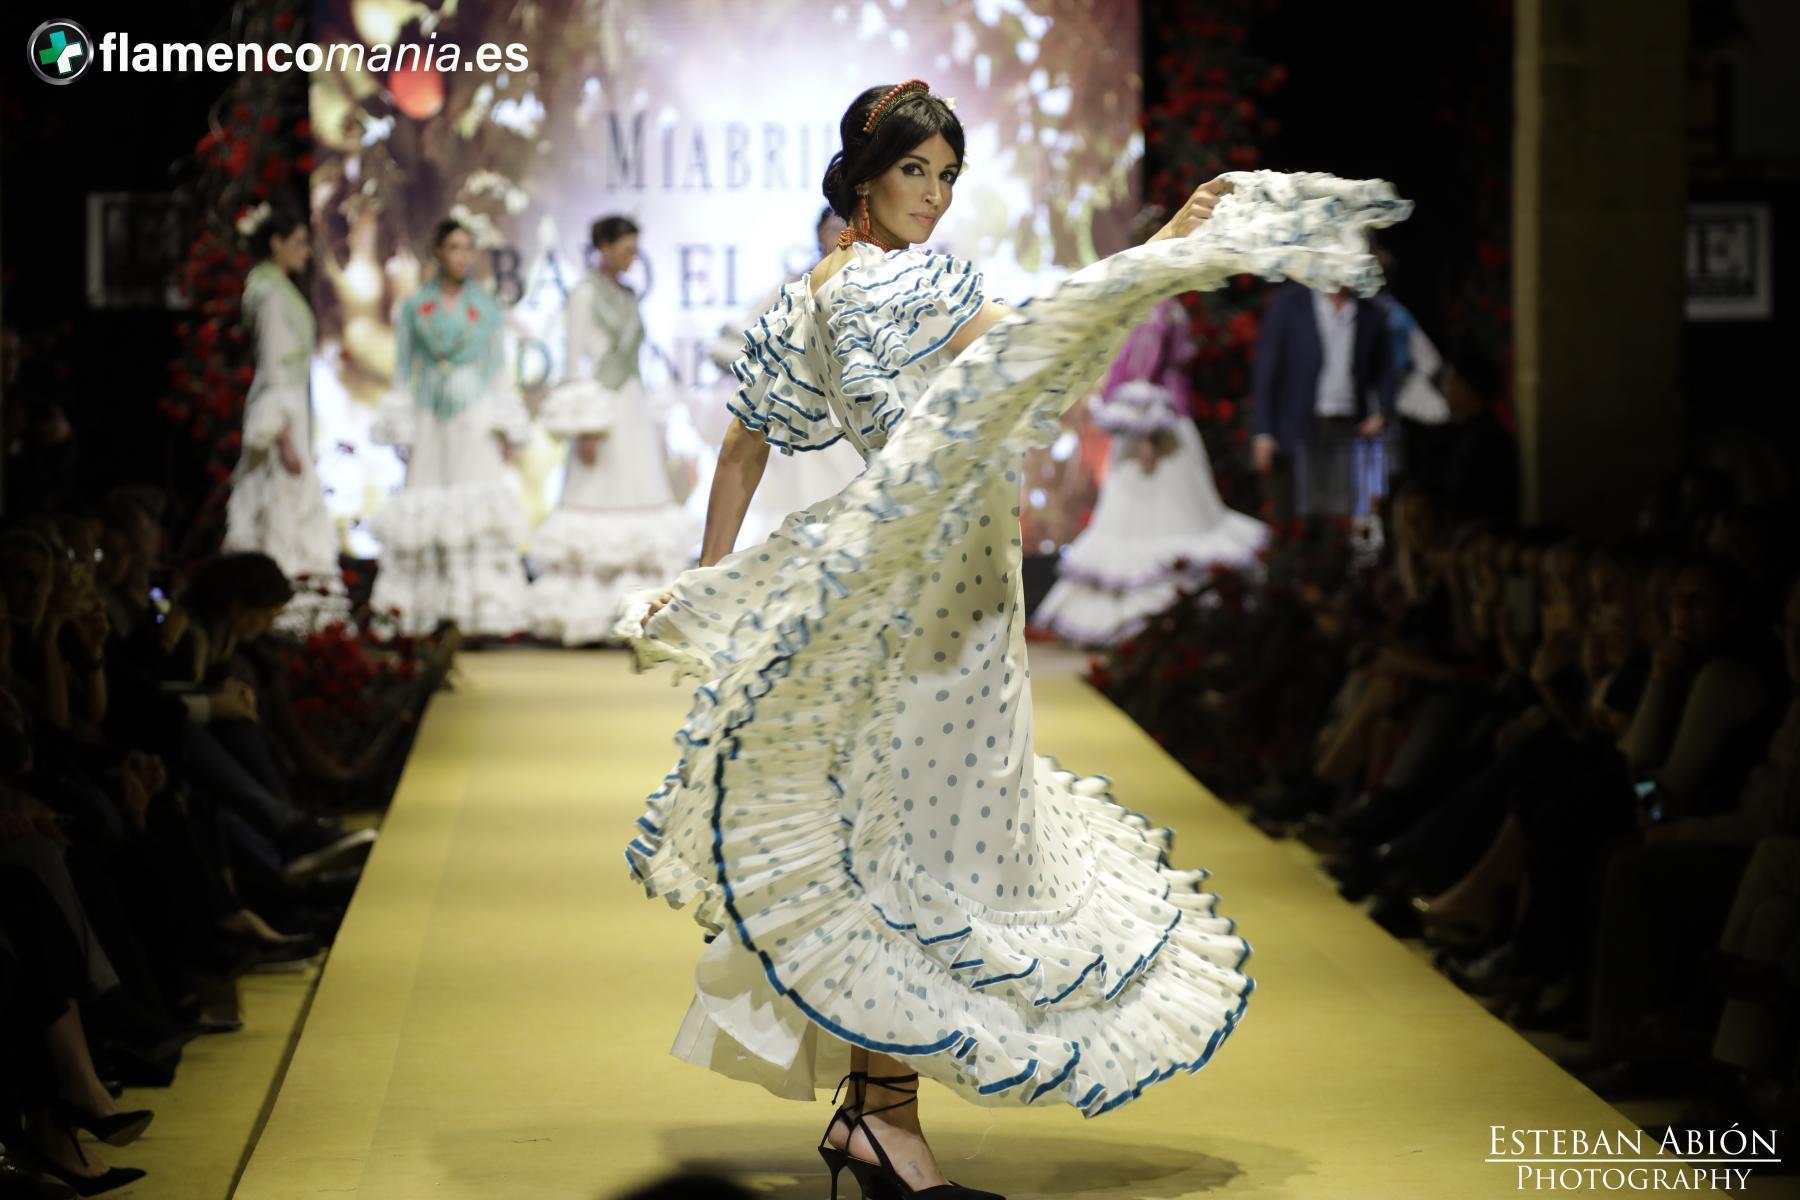 La XII Pasarela Flamenca de Jerez llenará de lunares y volantes Los Claustros de Santo Domingo este fin de semana